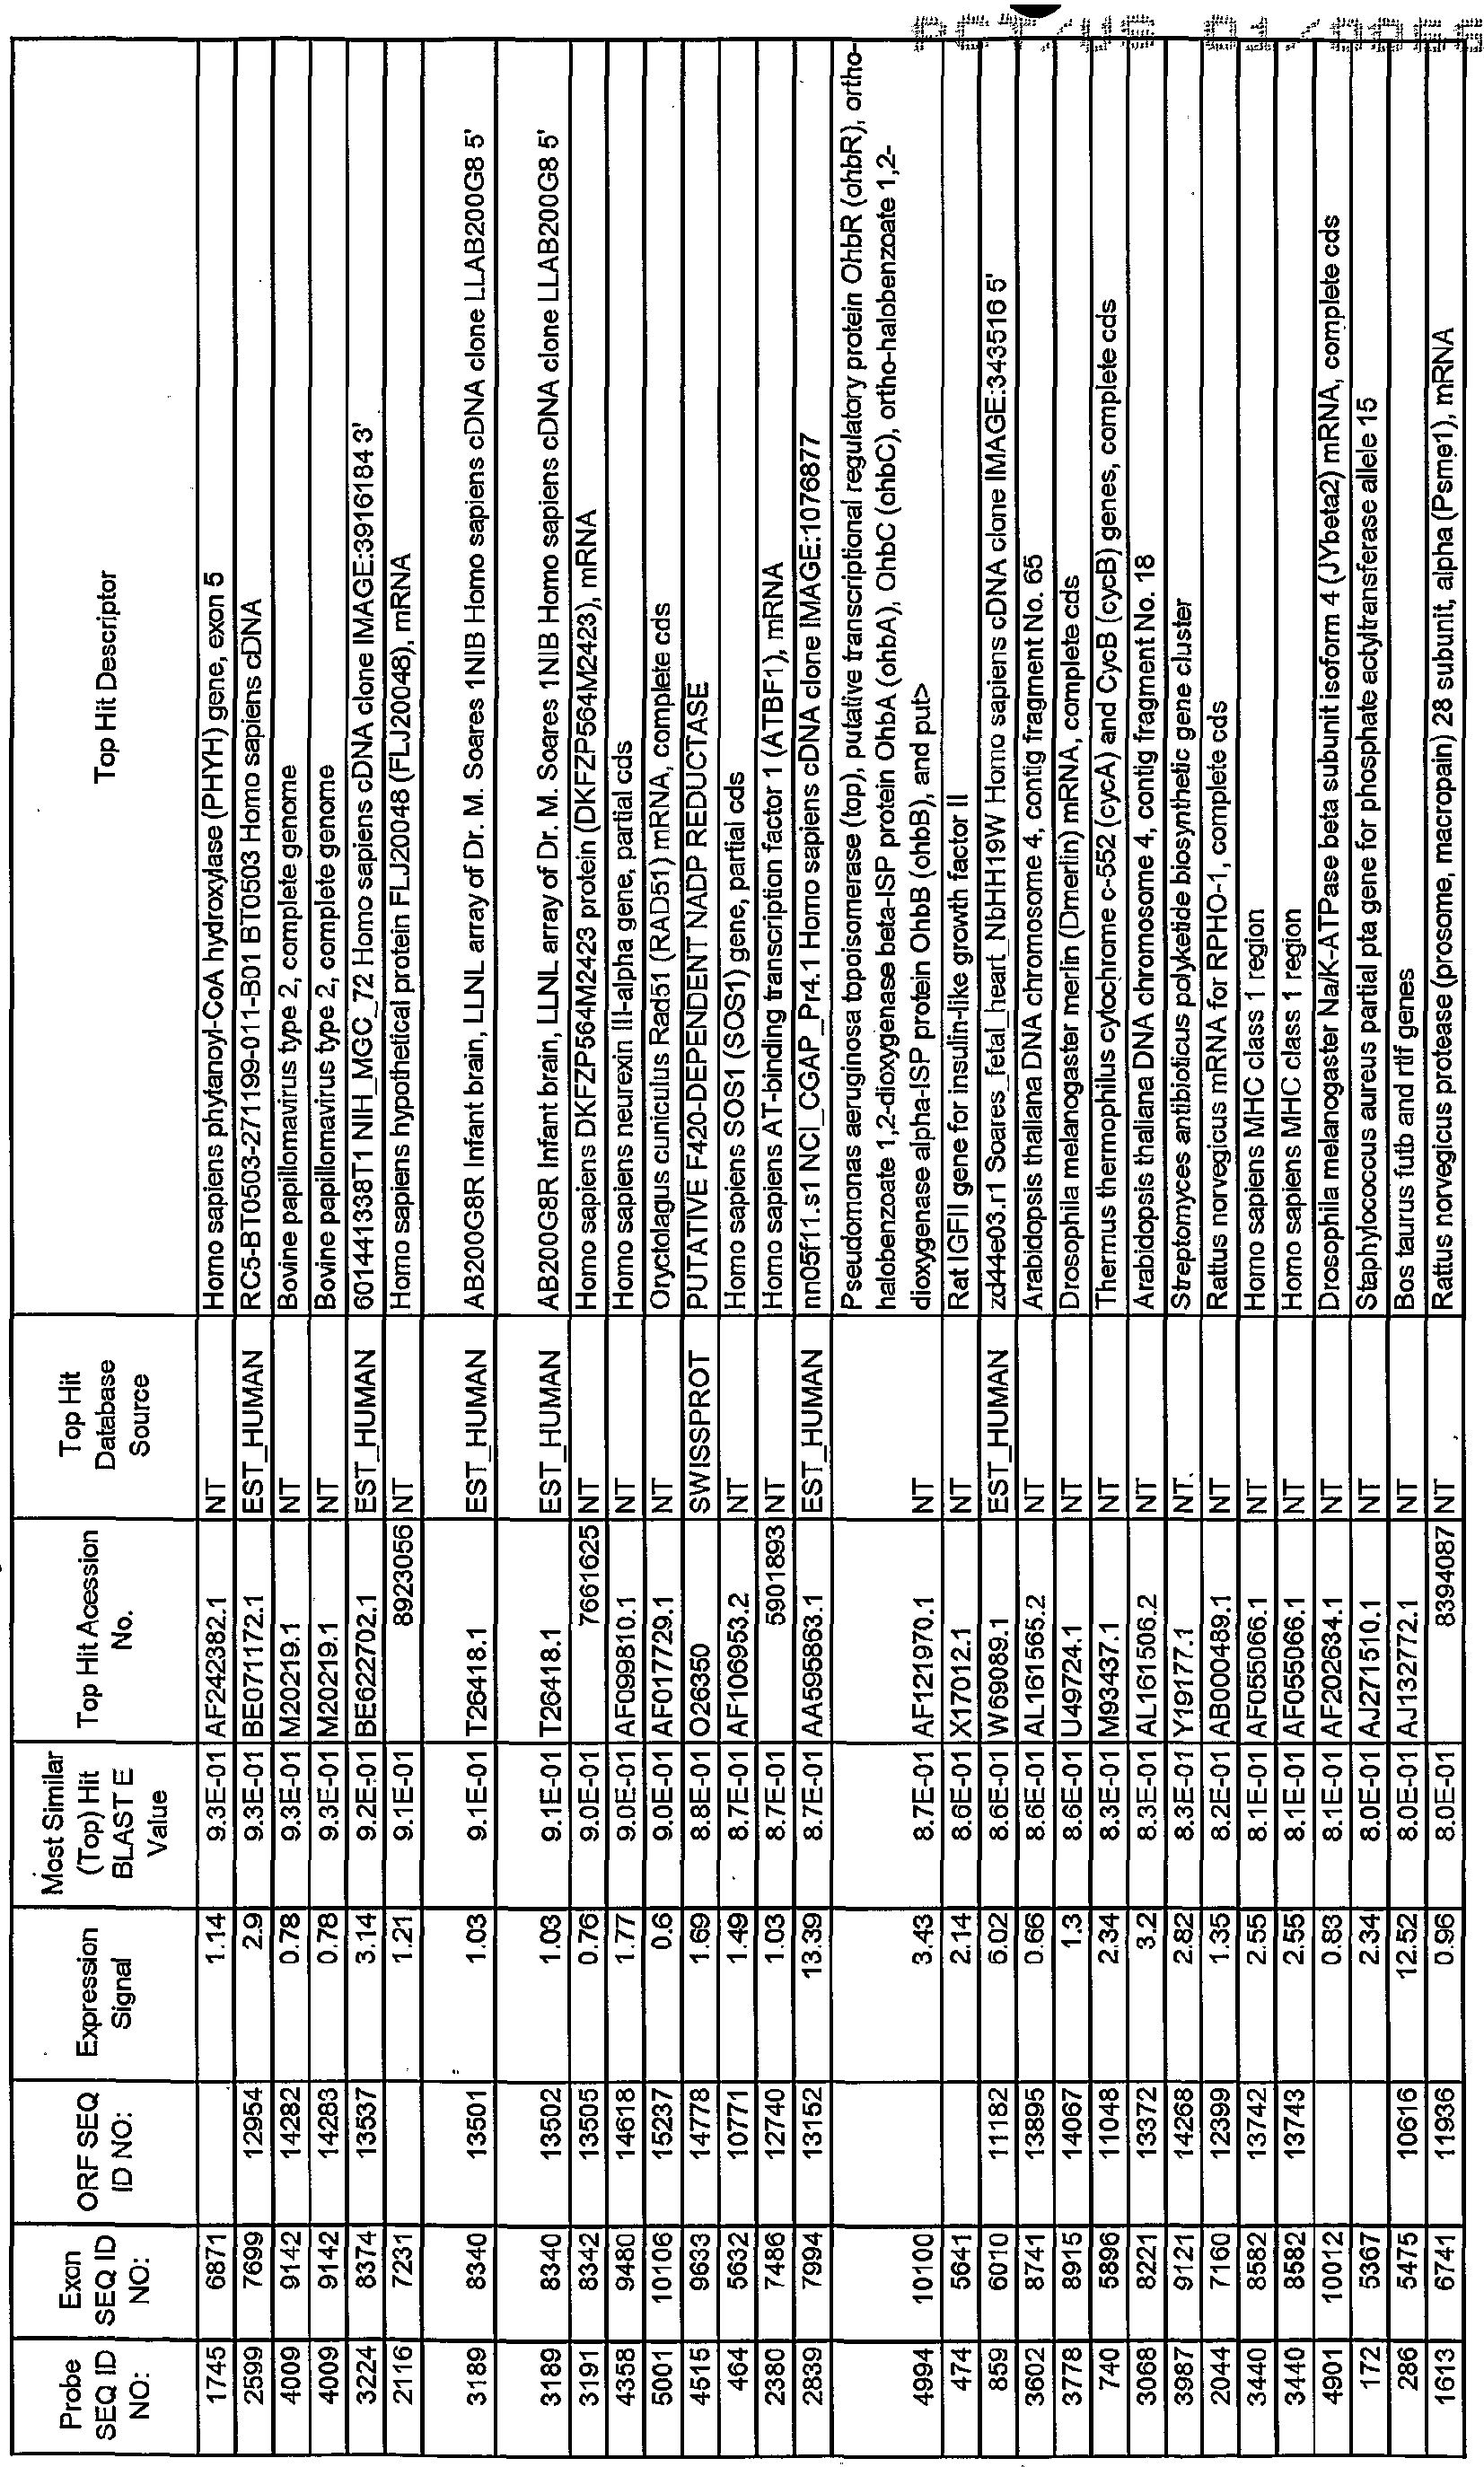 Figure imgf000105_0002